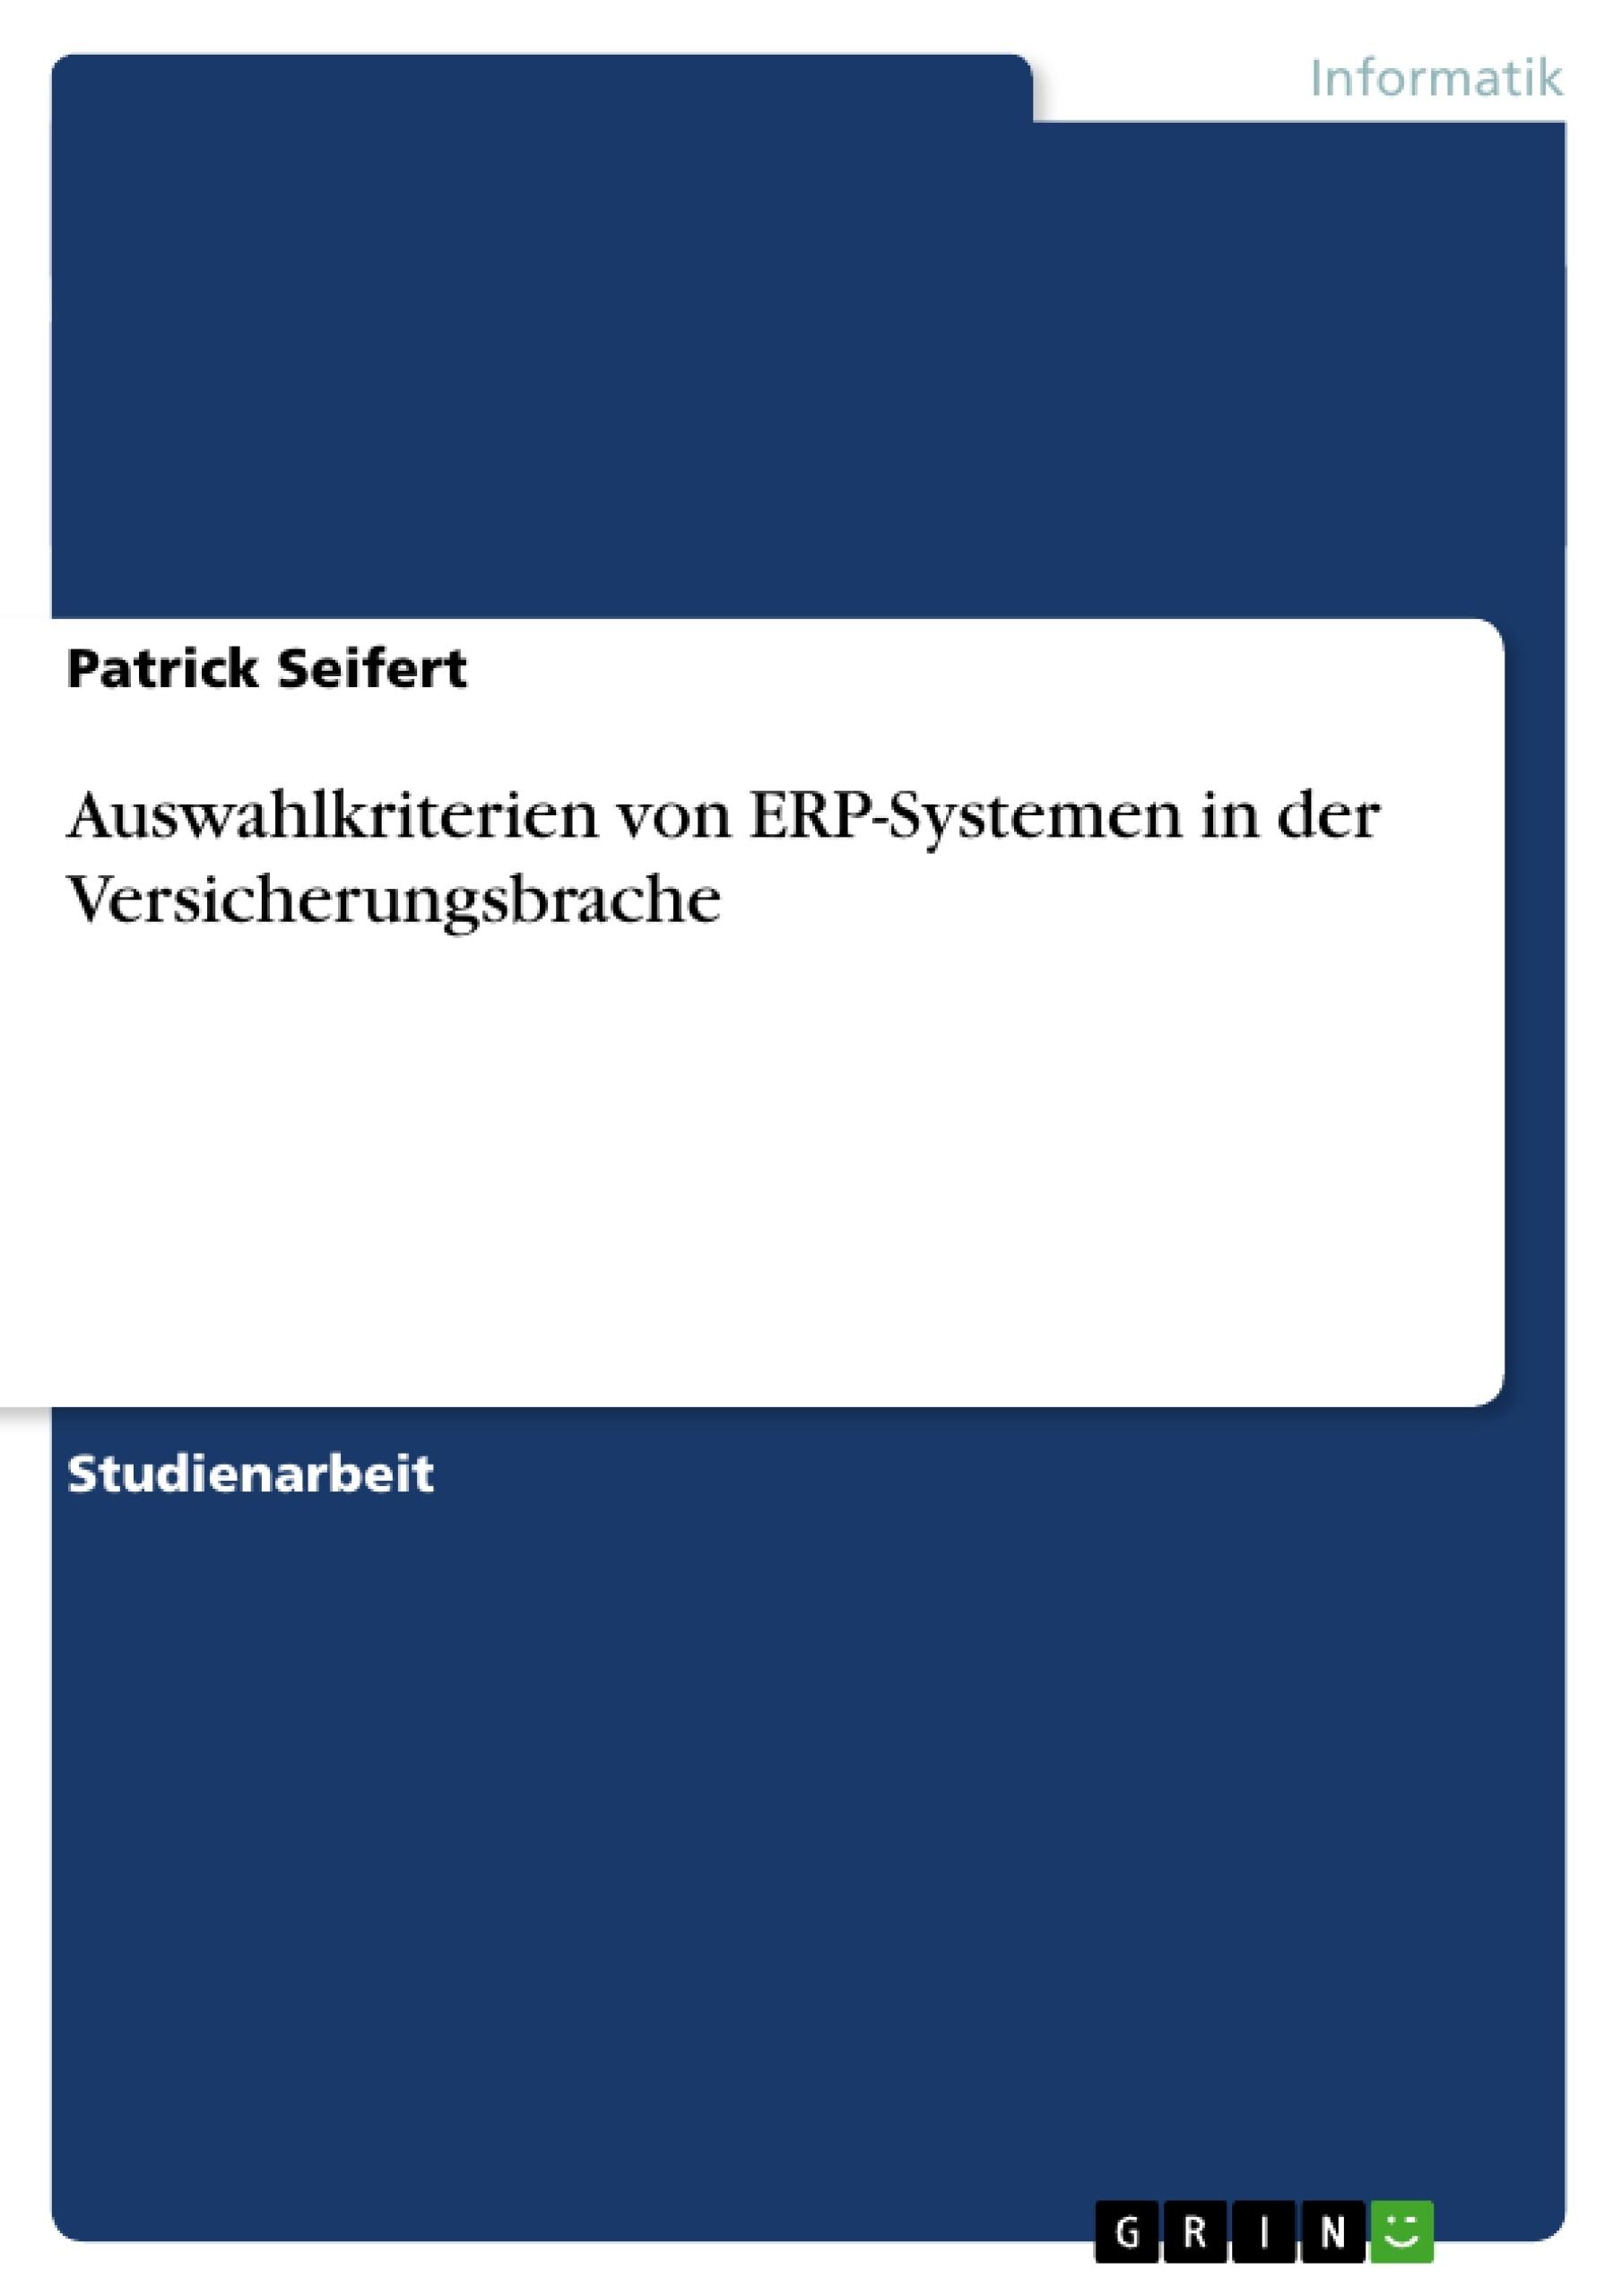 Titel: Auswahlkriterien von ERP-Systemen in der Versicherungsbrache